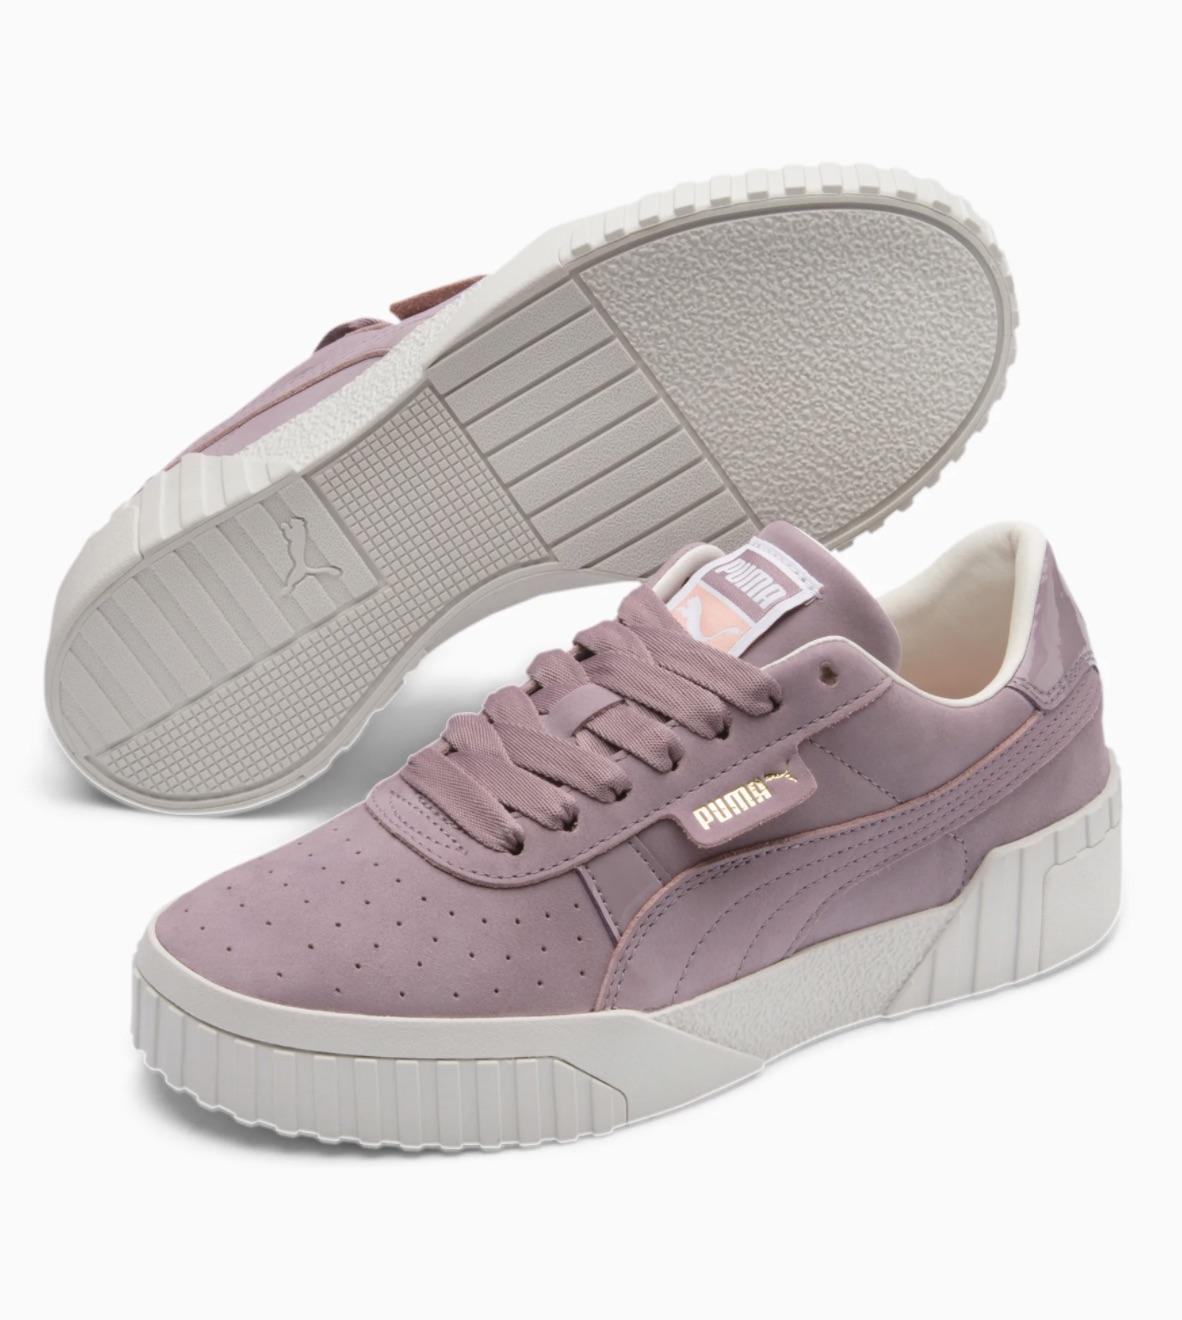 Añade un toque diferente a tu estilo urbano con estas zapatillas retro inspiradas en los 80.